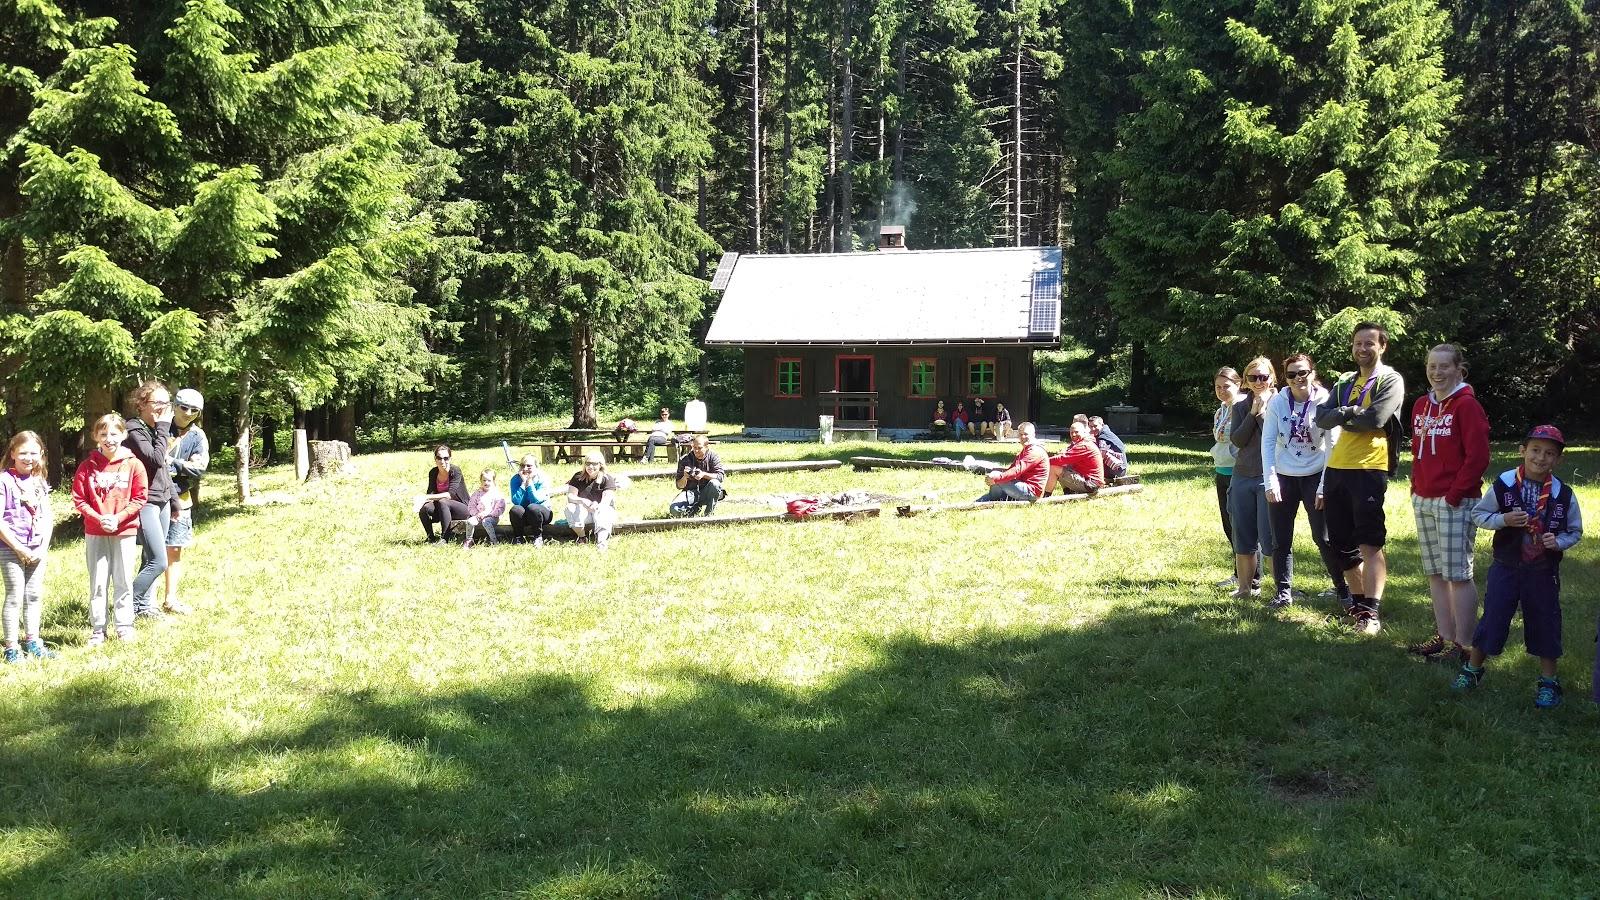 Piknik s starši 2015, Črni dol, 21. 6. 2015 - IMAG0181.jpg